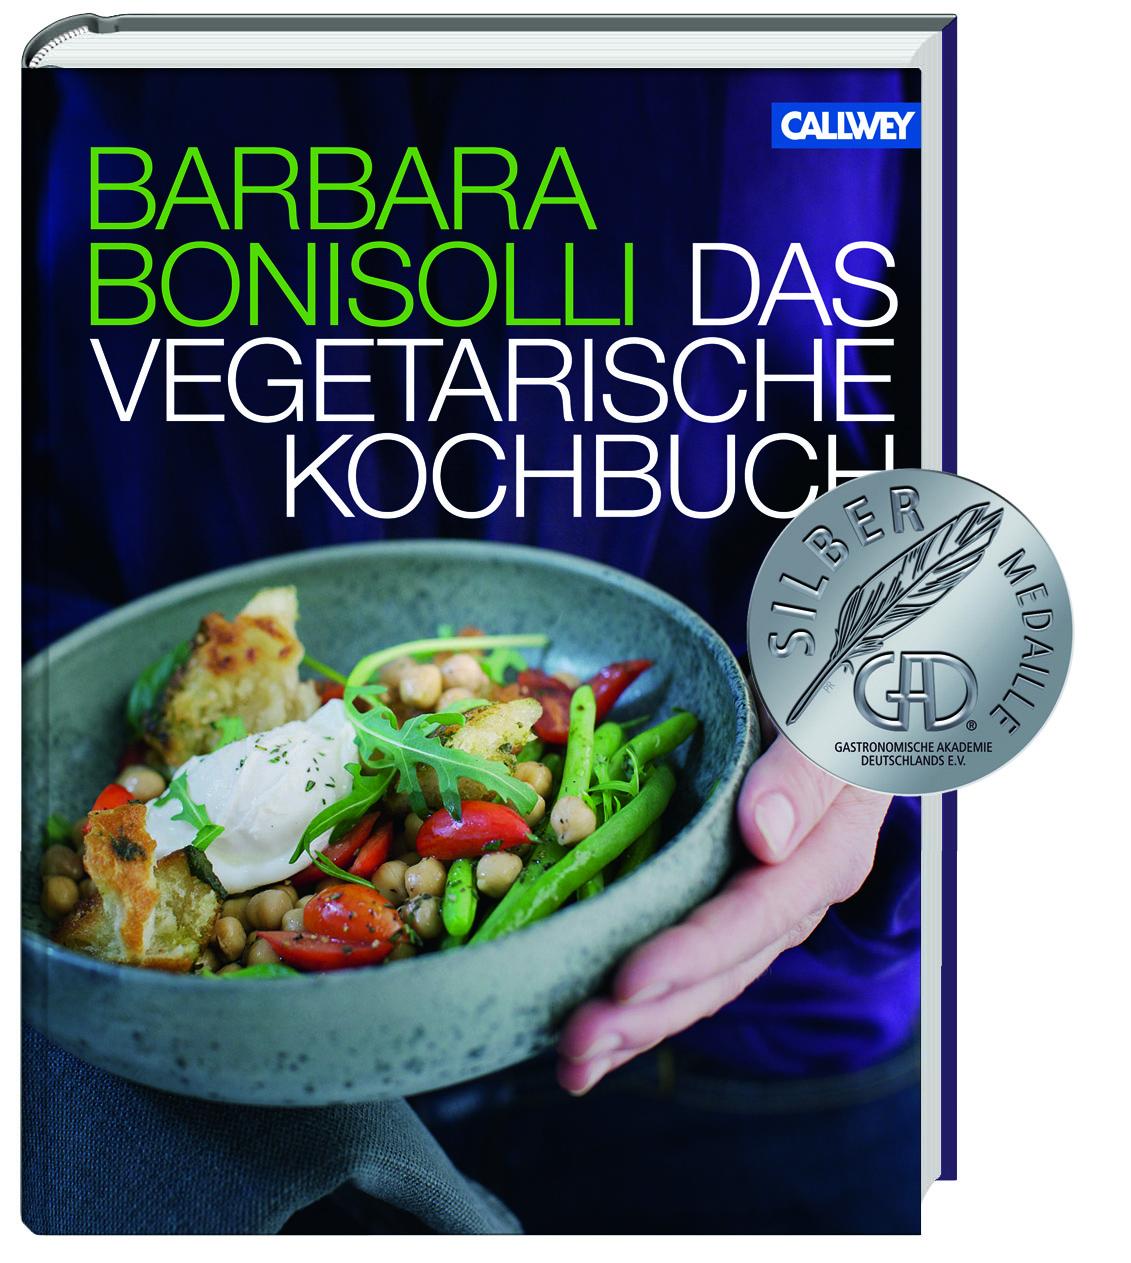 barbara bonisolli das vegetarische kochbuch callwey verlag